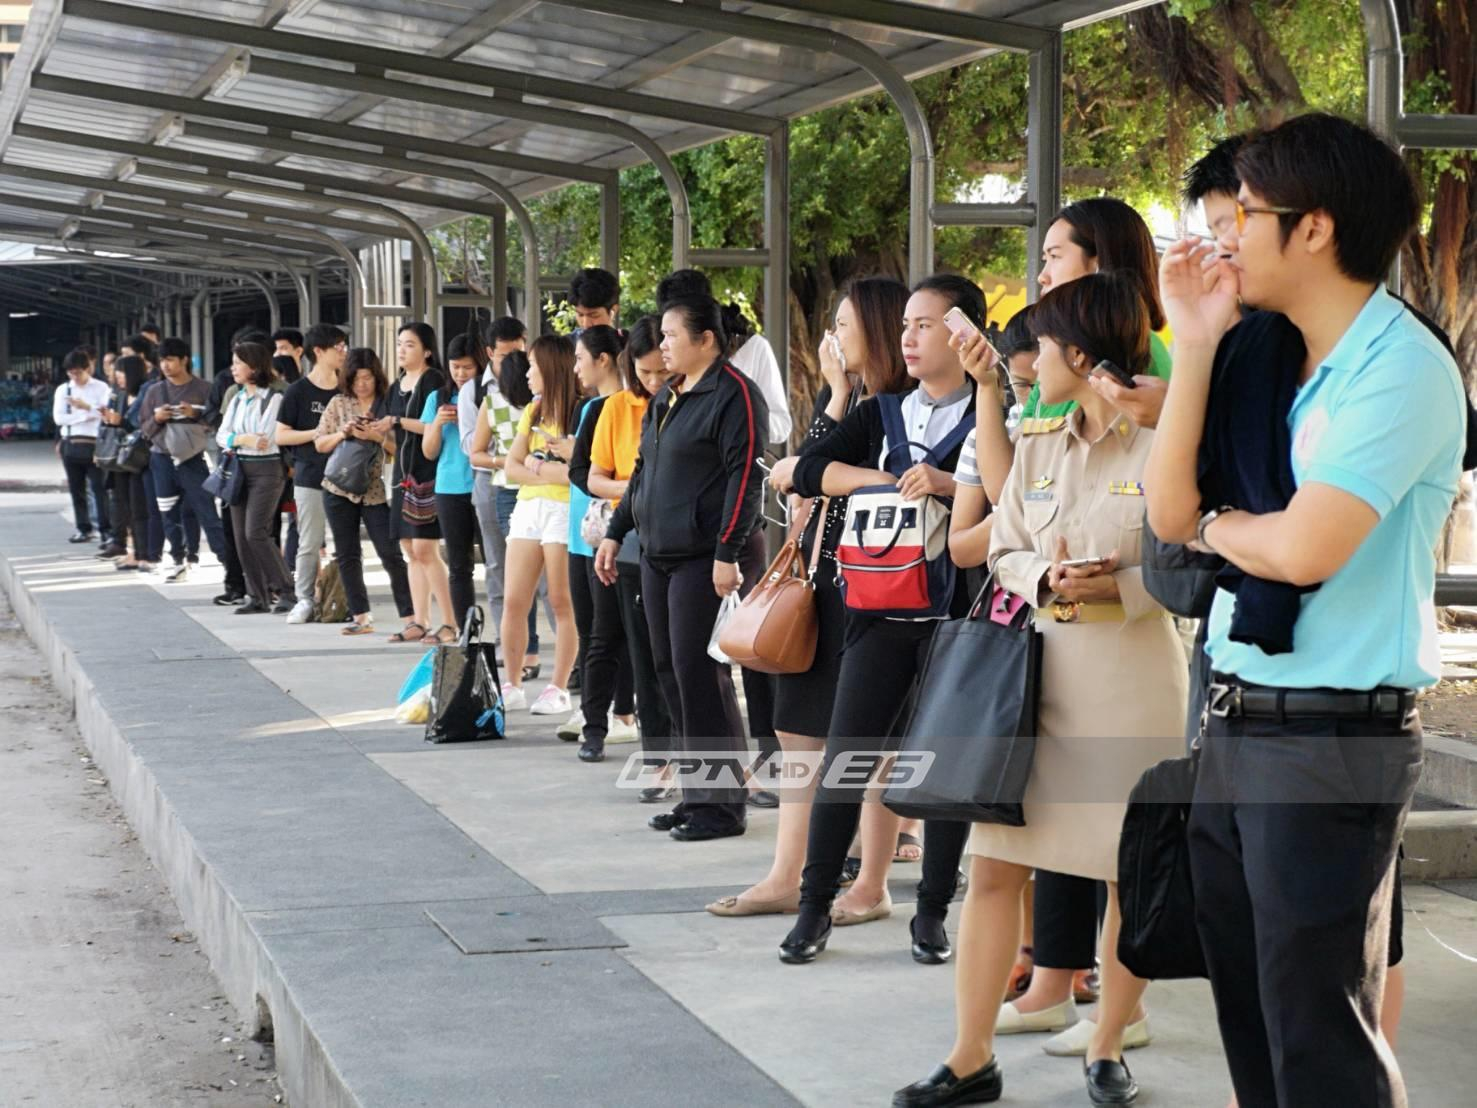 ผู้โดยสารบ่นอุบ! ห้ามรถตู้โดยสารหมดอายุวิ่งวันแรก ต้องรอรถนานกว่าปกติ